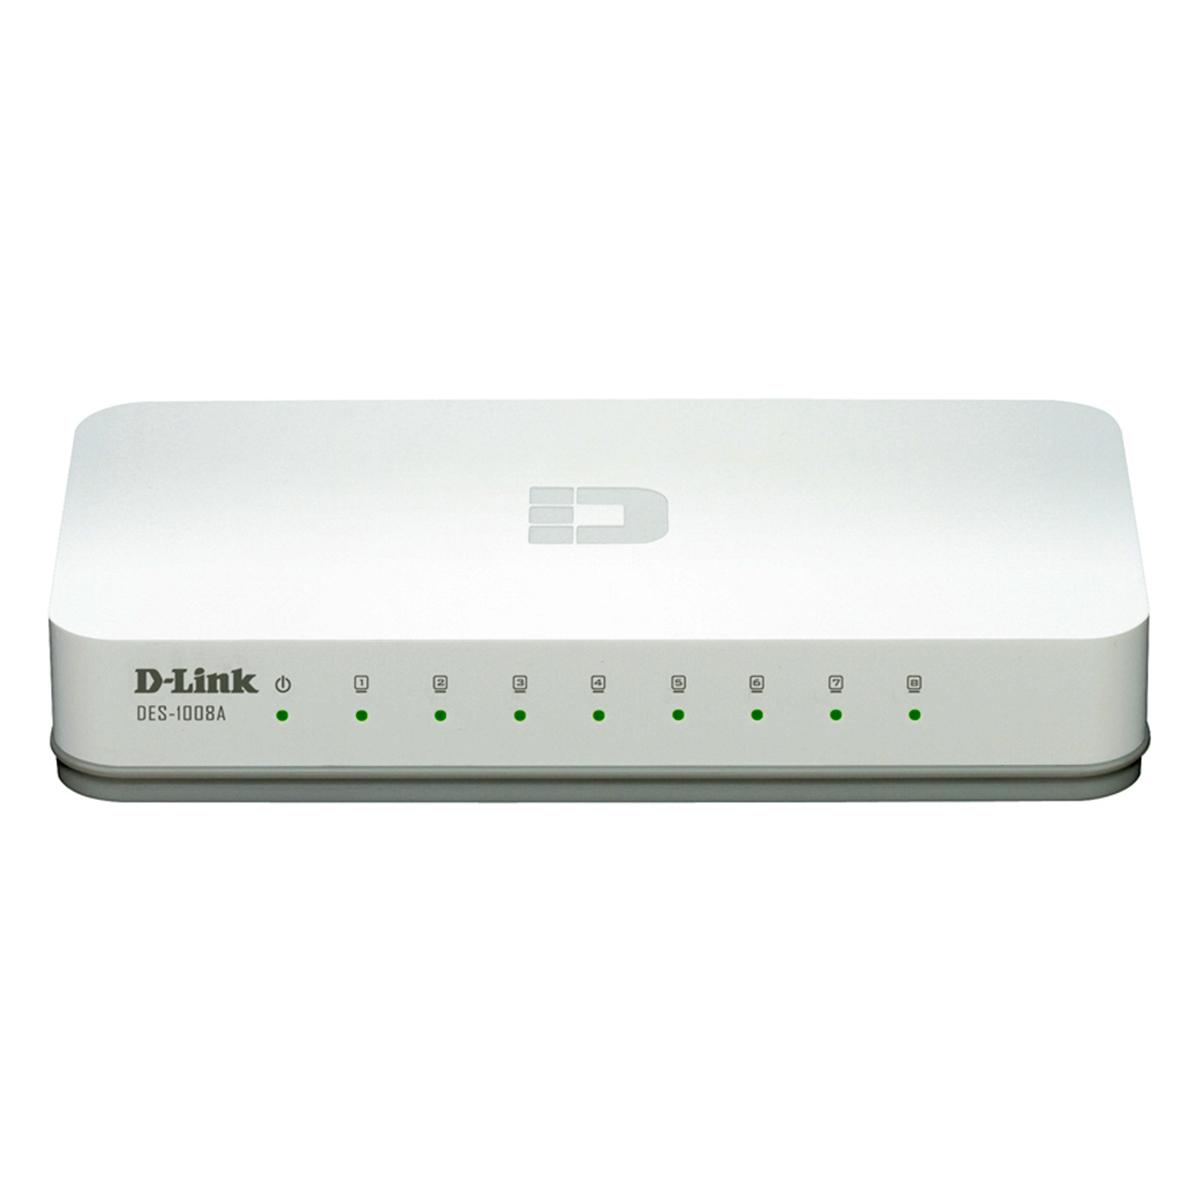 Switch 8 Portas 10/100 Mbps DES 1008 A - D-Link